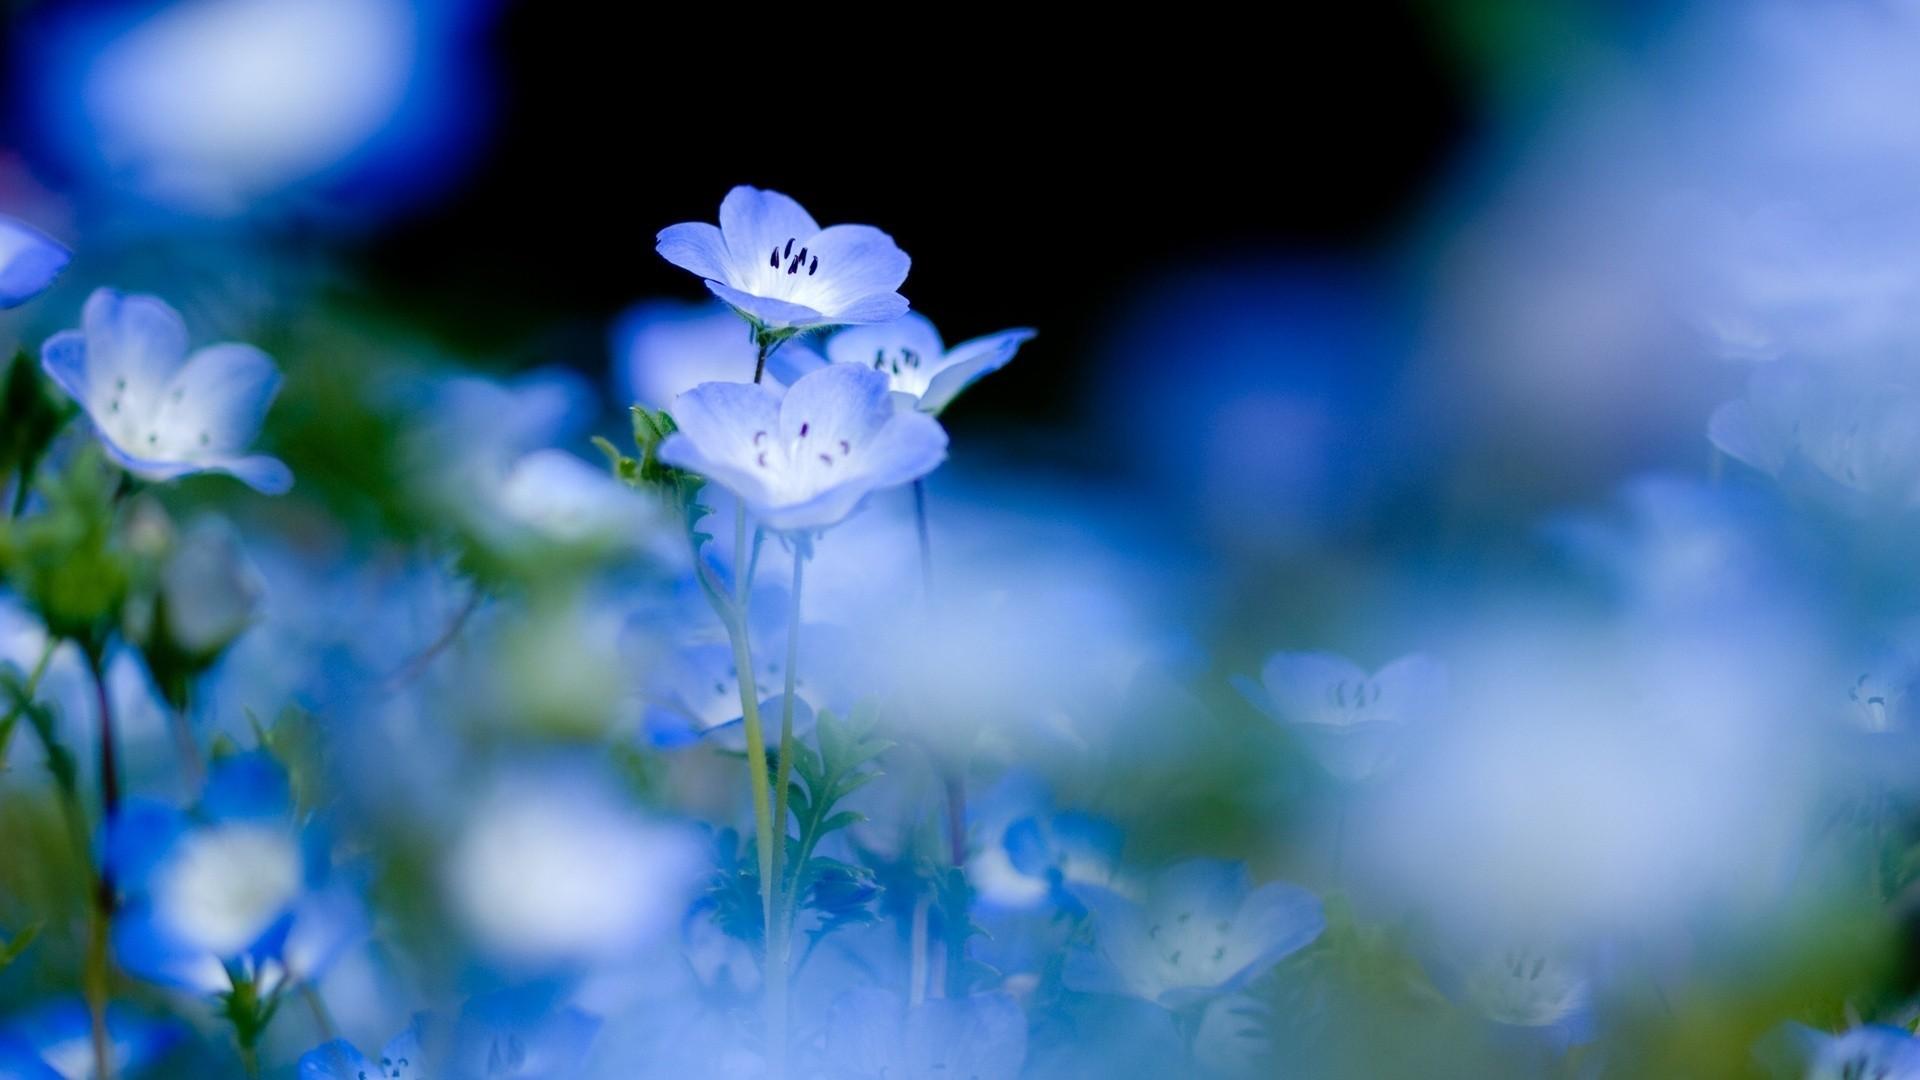 Blue Flower Wallpaper image hd